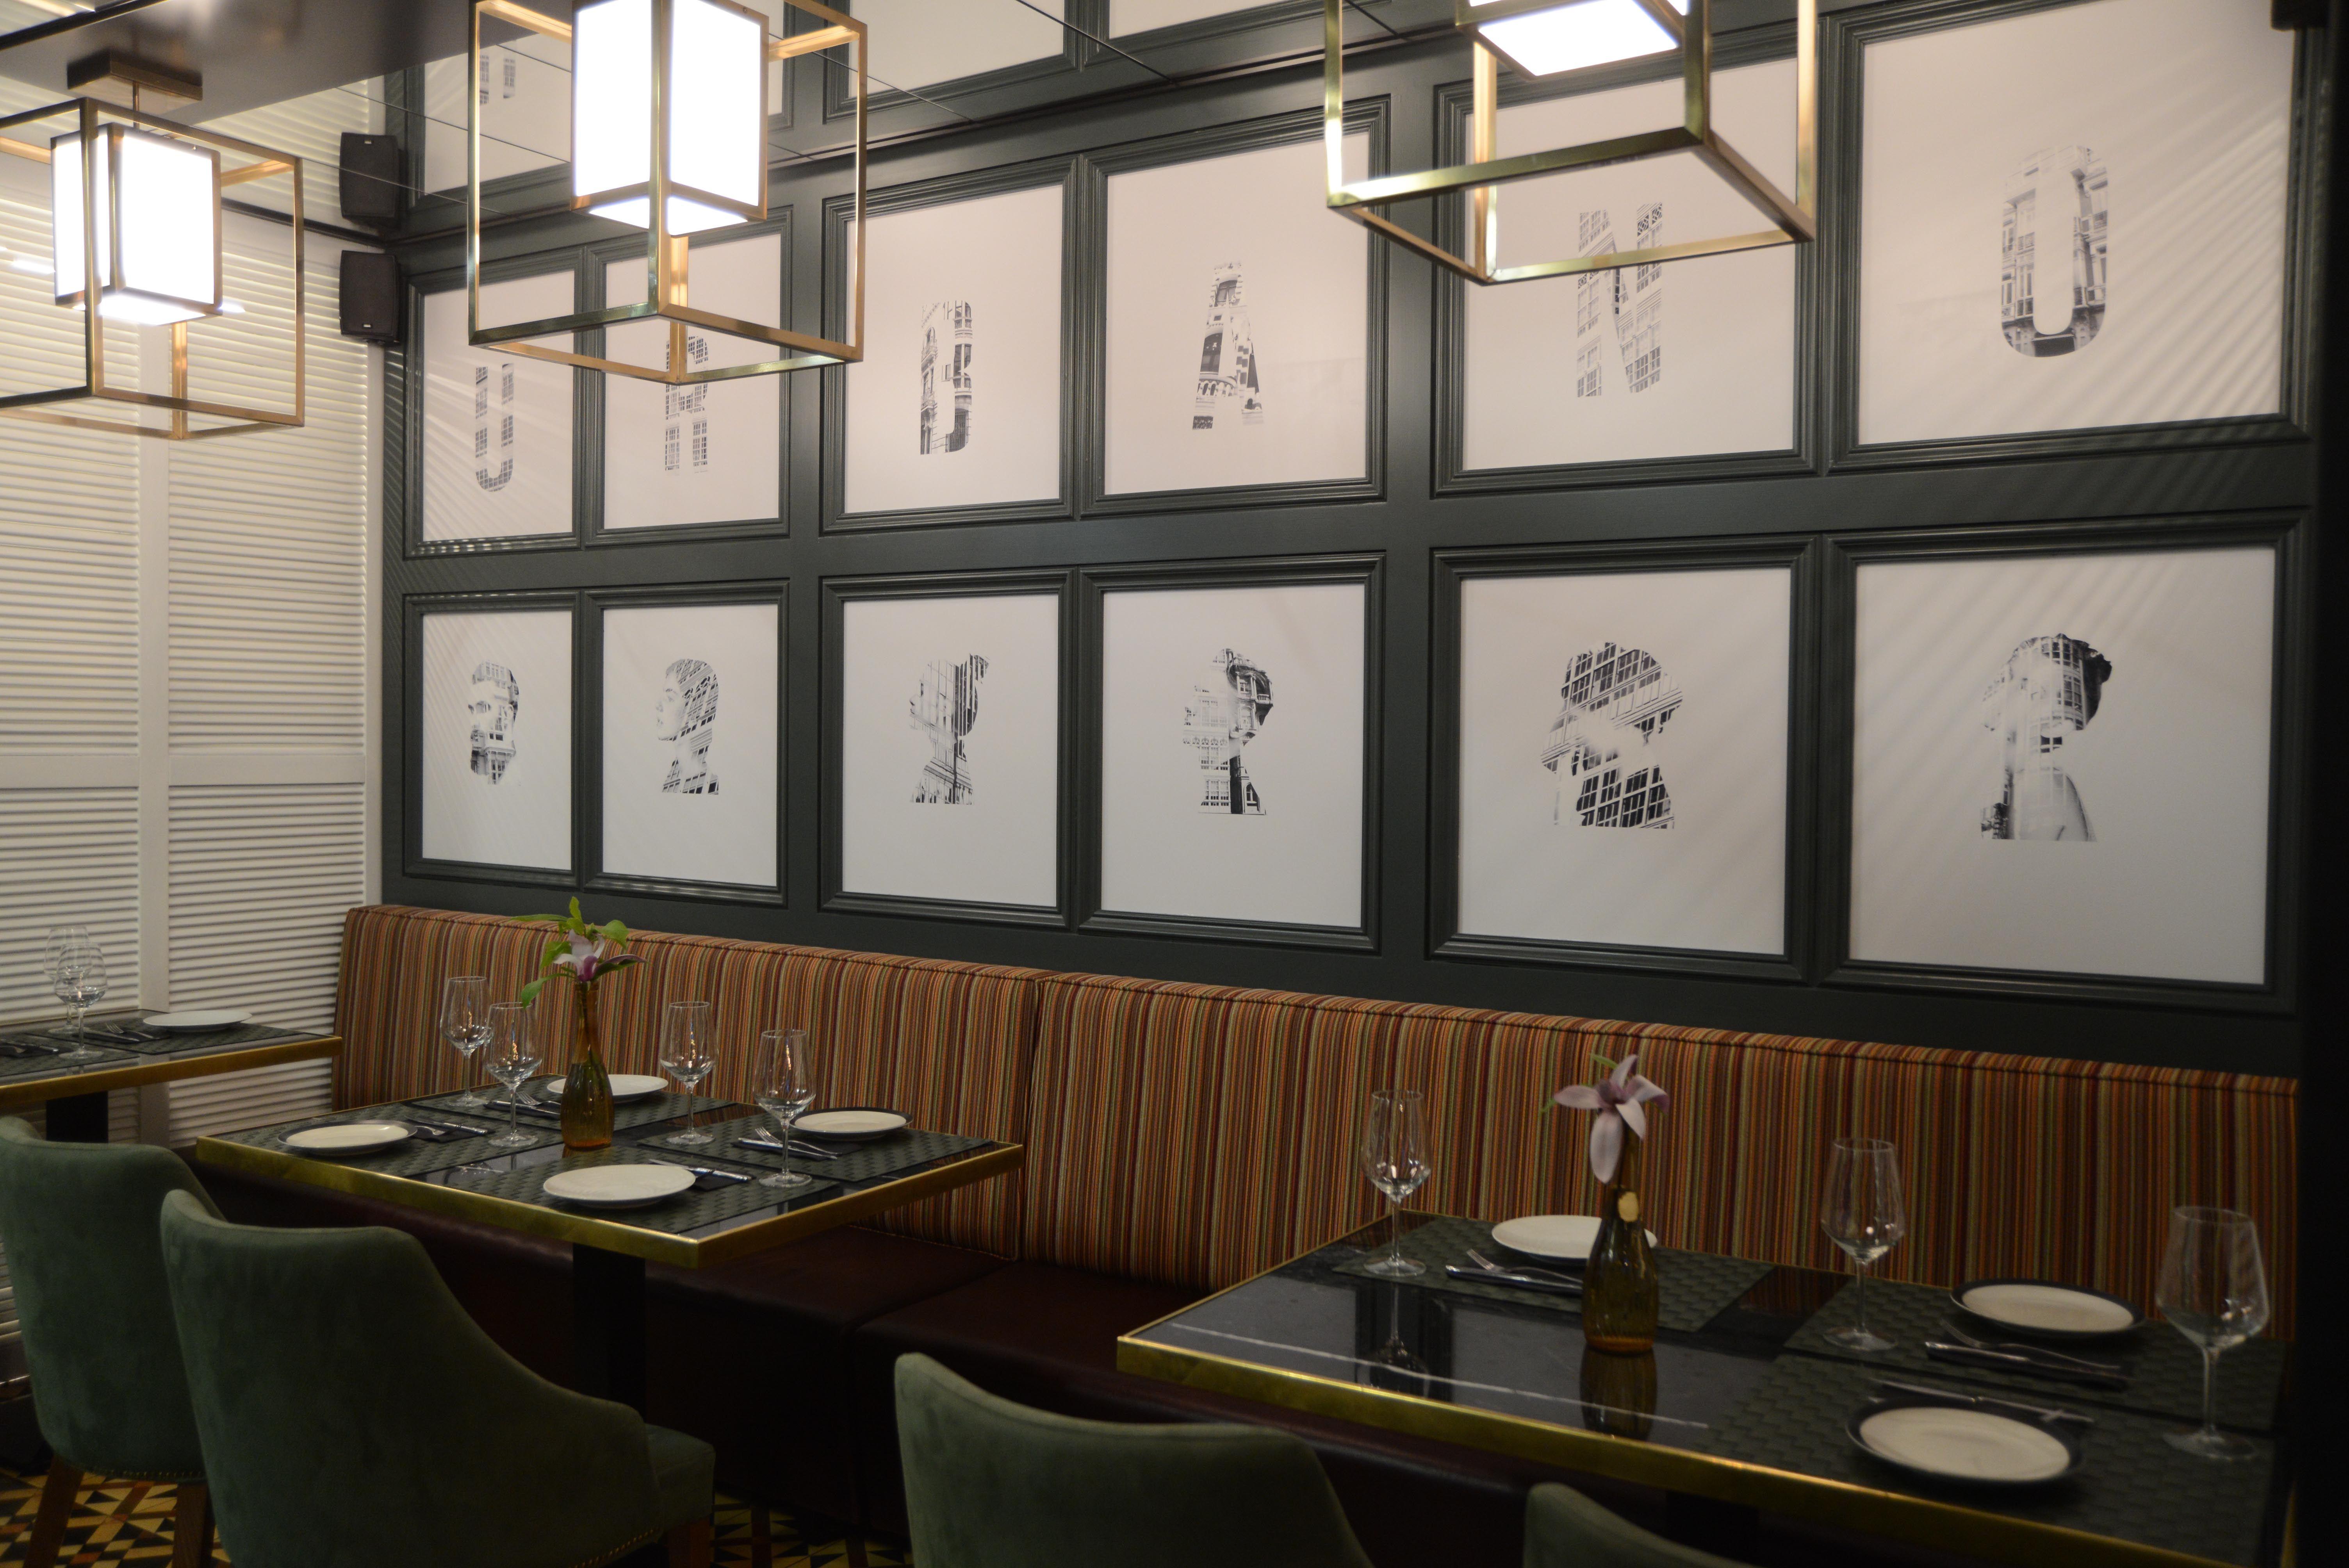 Foto 1 de Restaurante en A Coruña | O Lagar da Estrella